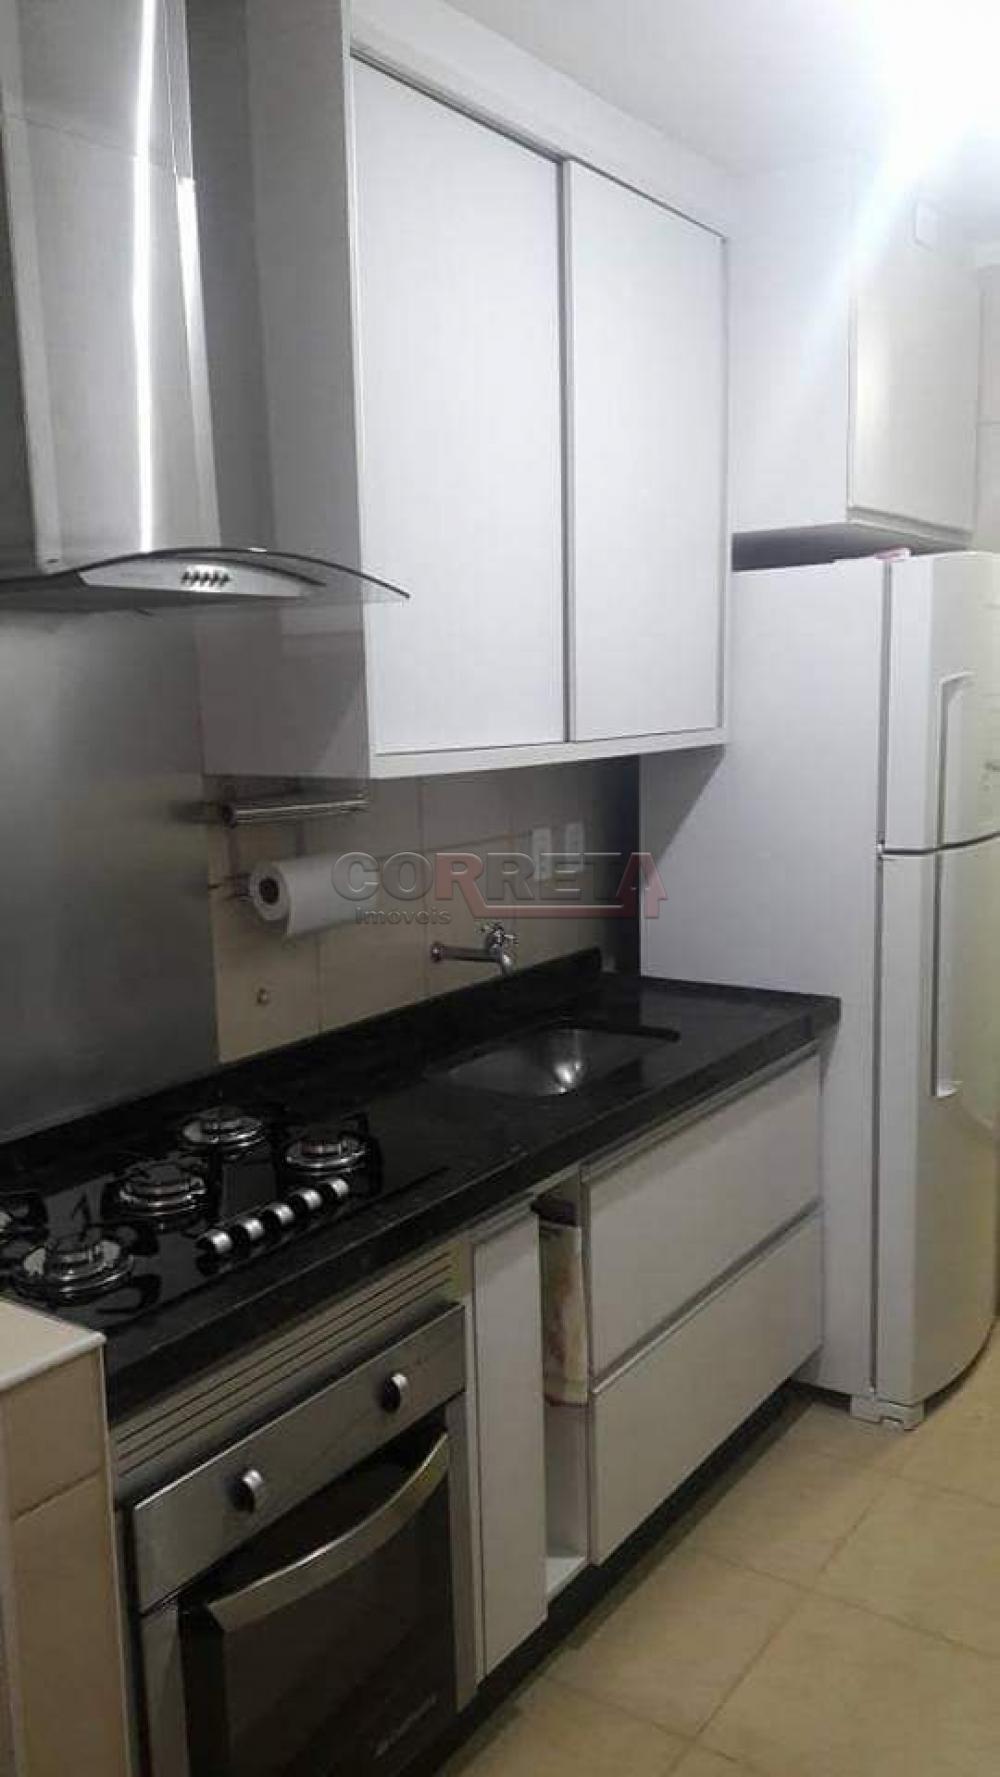 Comprar Apartamento / Padrão em Araçatuba apenas R$ 145.000,00 - Foto 11